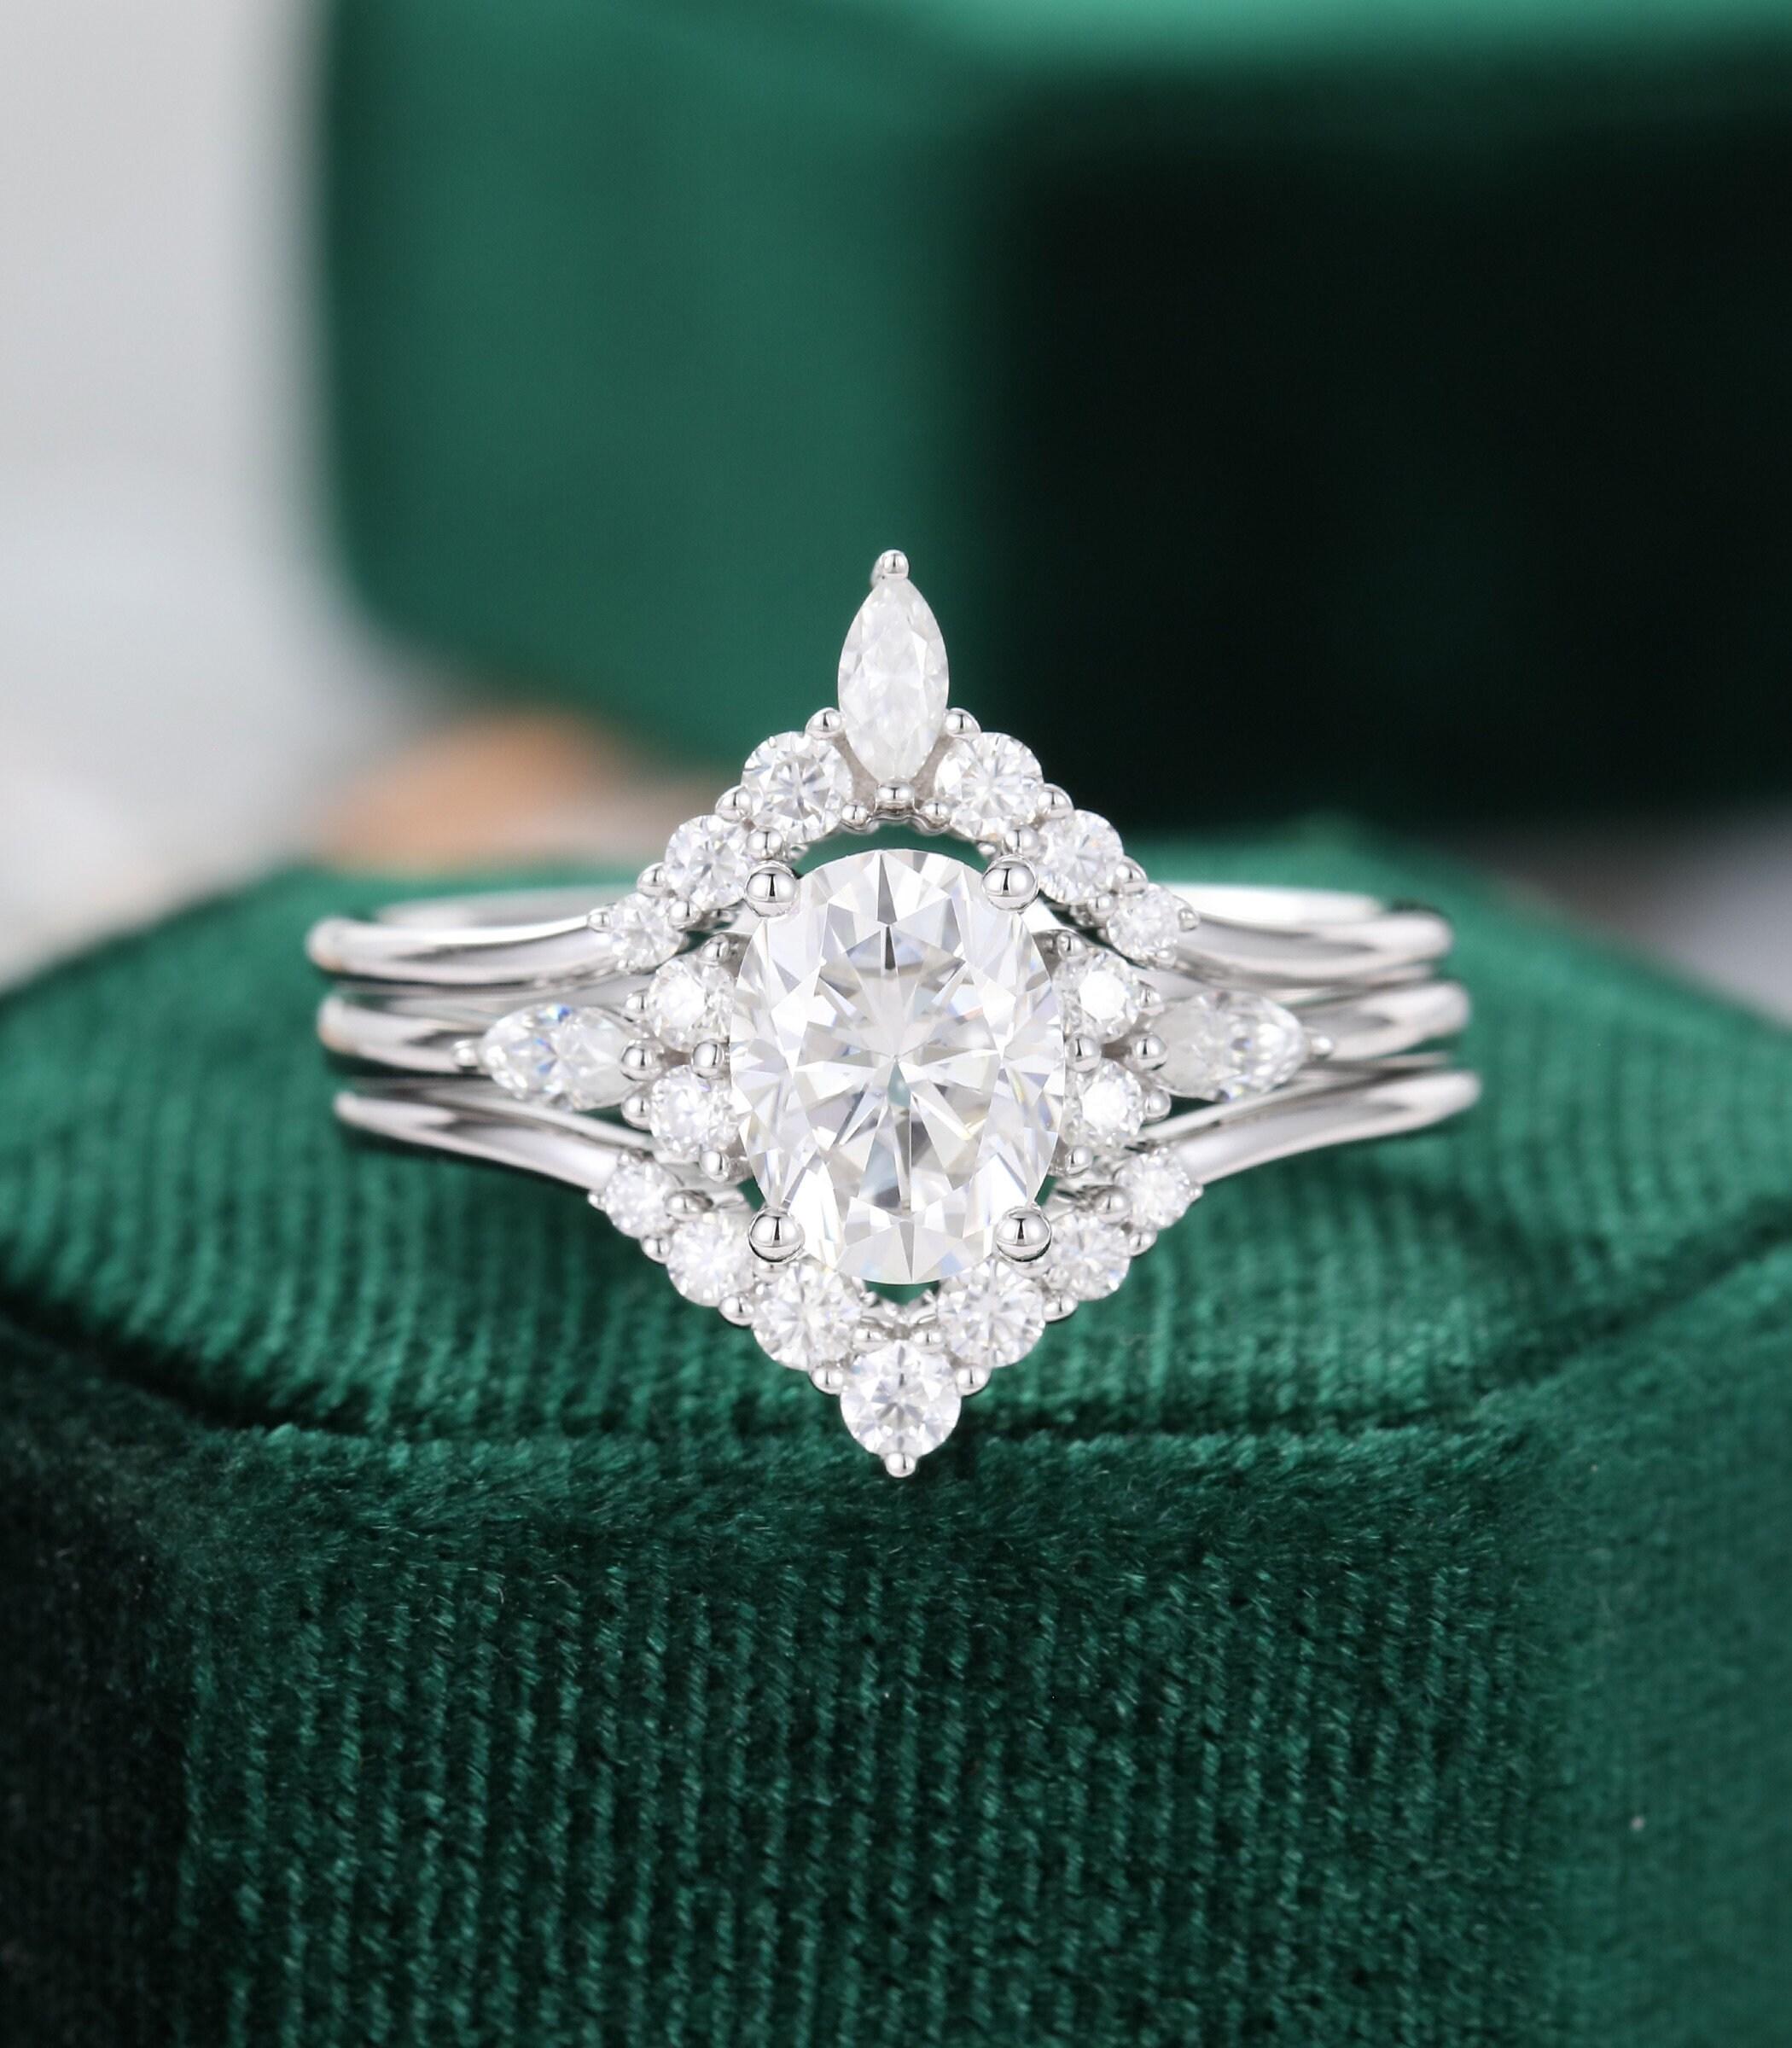 3pcs oval moissanite engagement ring set vintage unique image 0